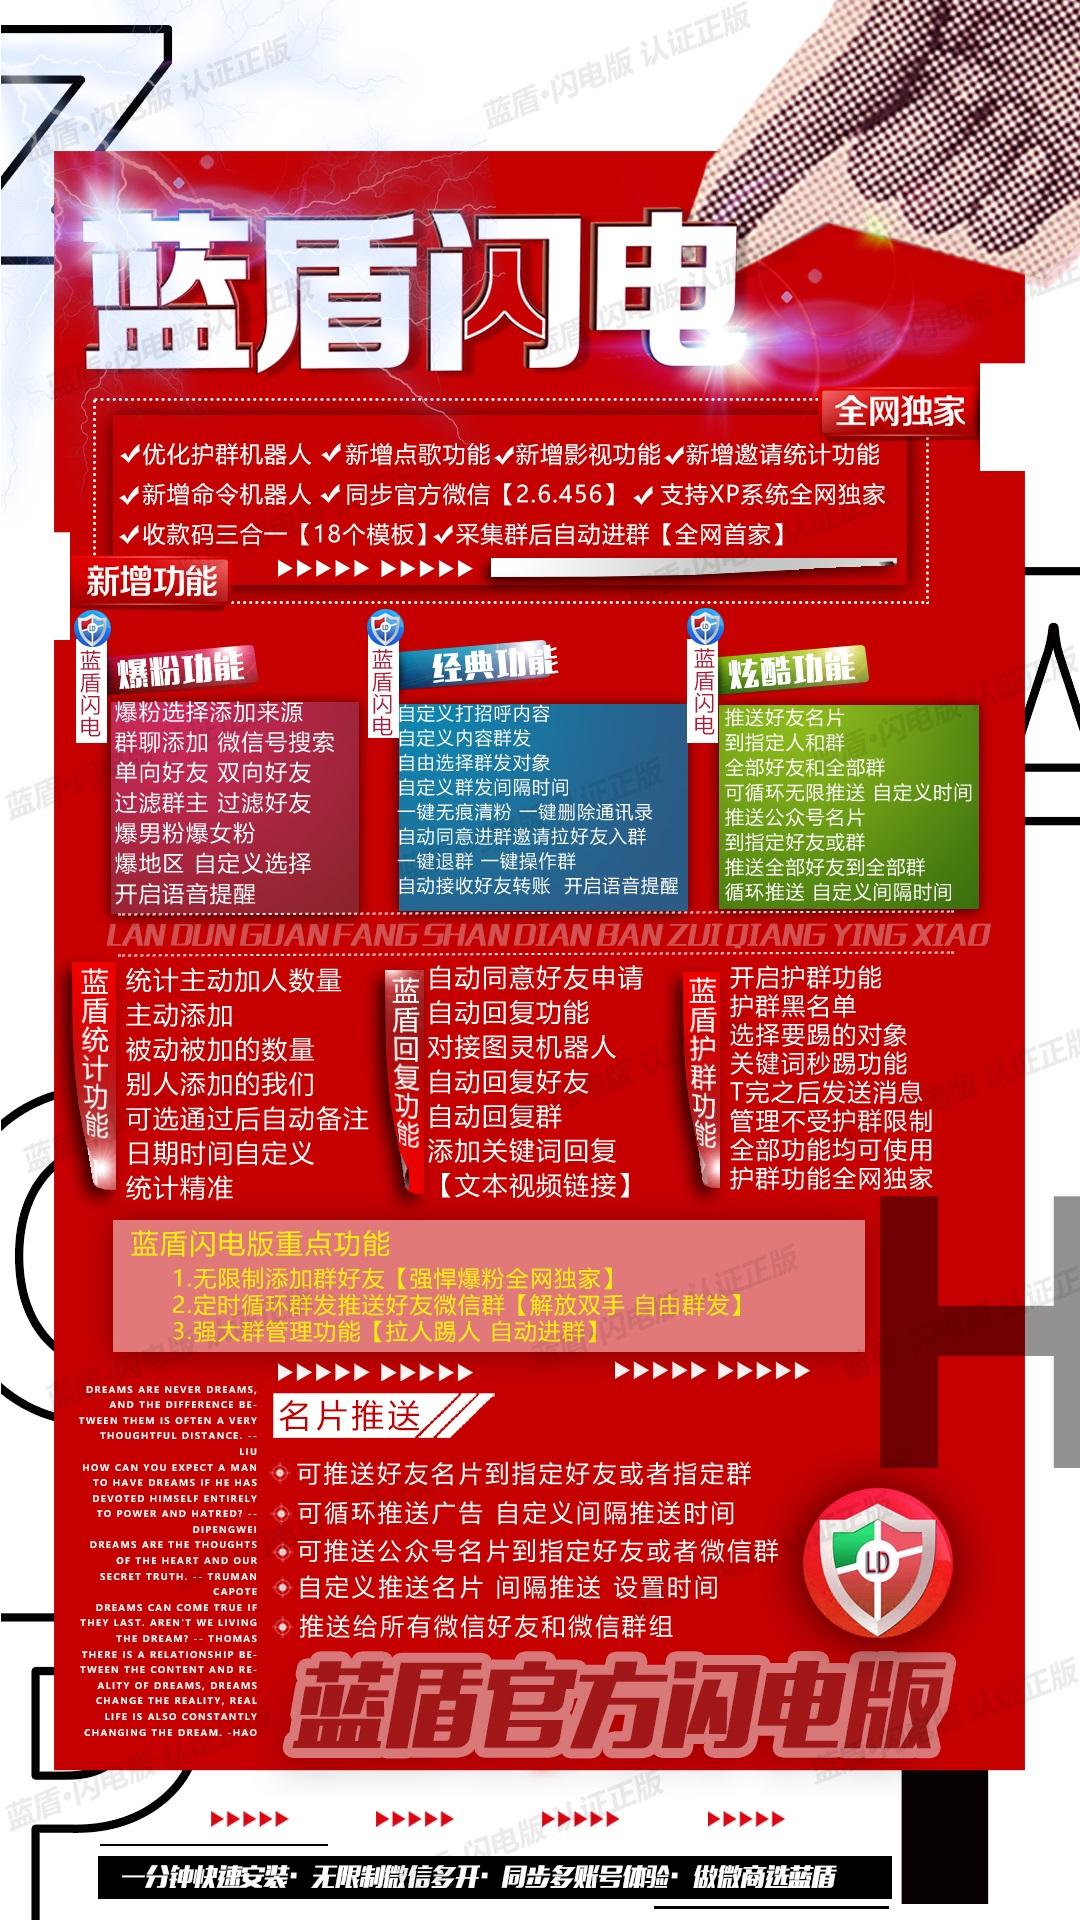 【闪电蓝盾】电脑PC端营销爆粉群发多账号单独执行自动回复定时群发